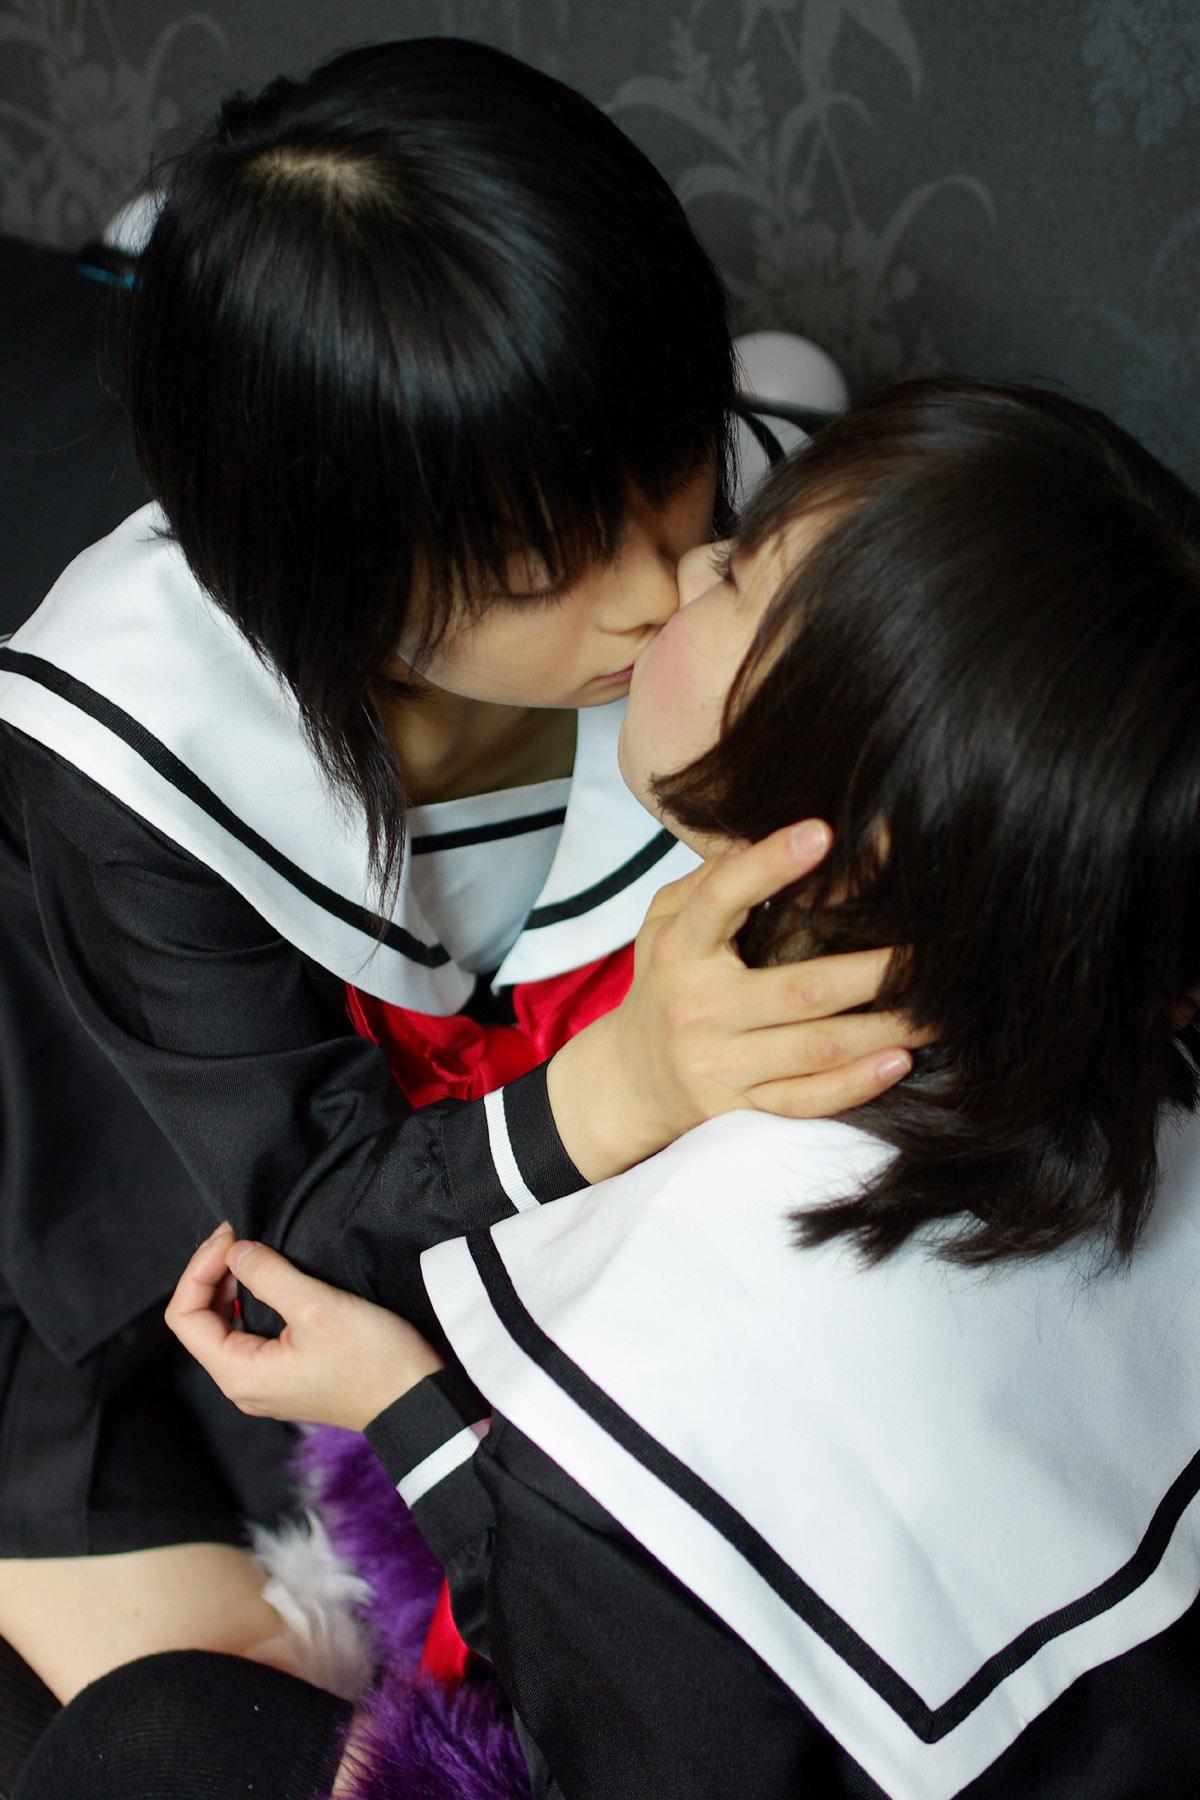 レズ絡みでキスをしながら求め合うエロい画像16枚目